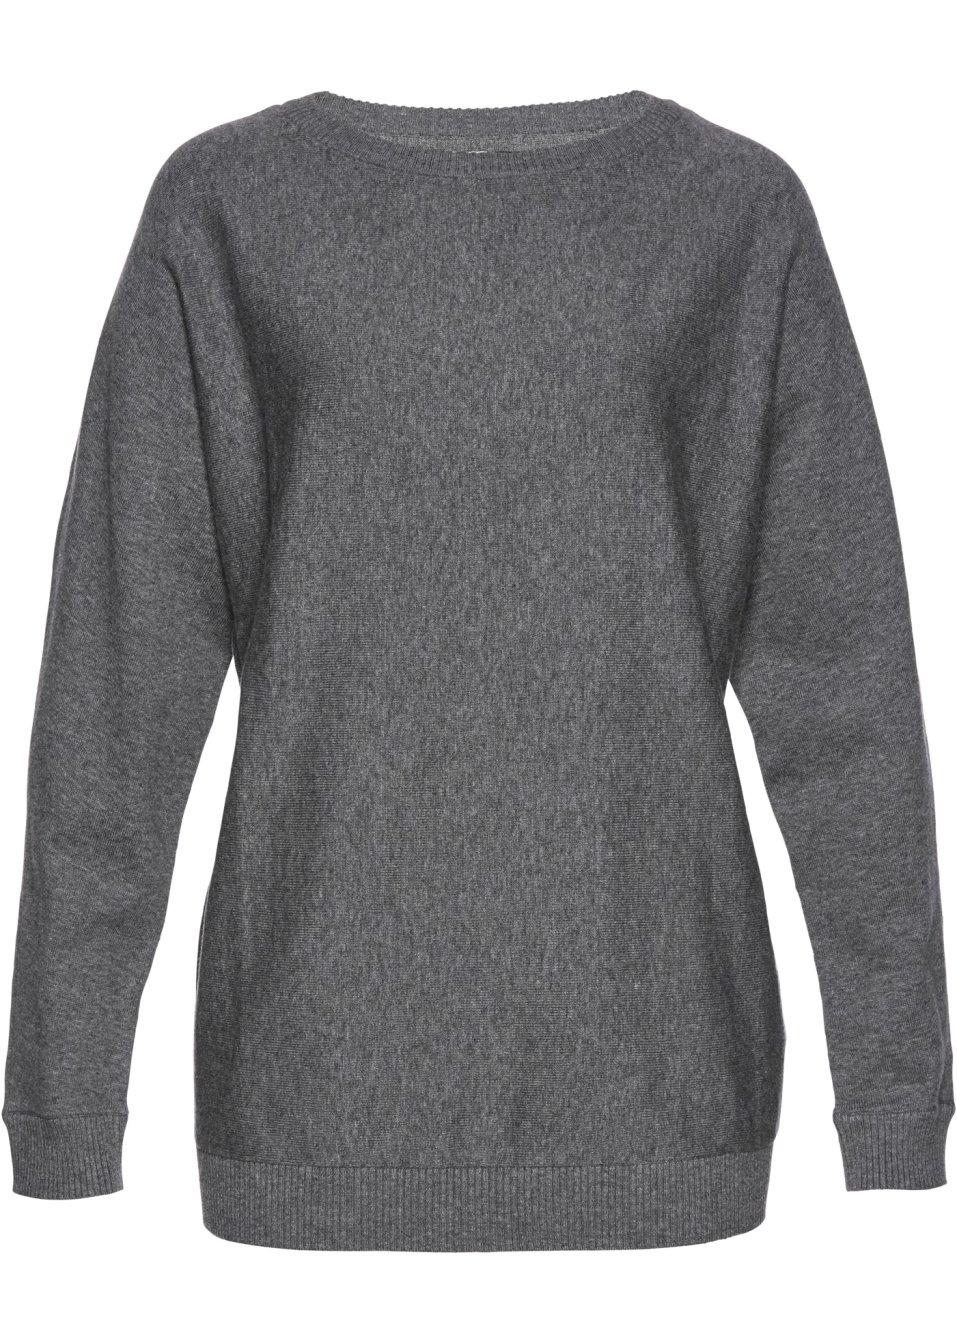 Pull à manches chauve-souris gris chiné - bpc selection acheter online -  bonprix.fr 0ba80b32a2e7